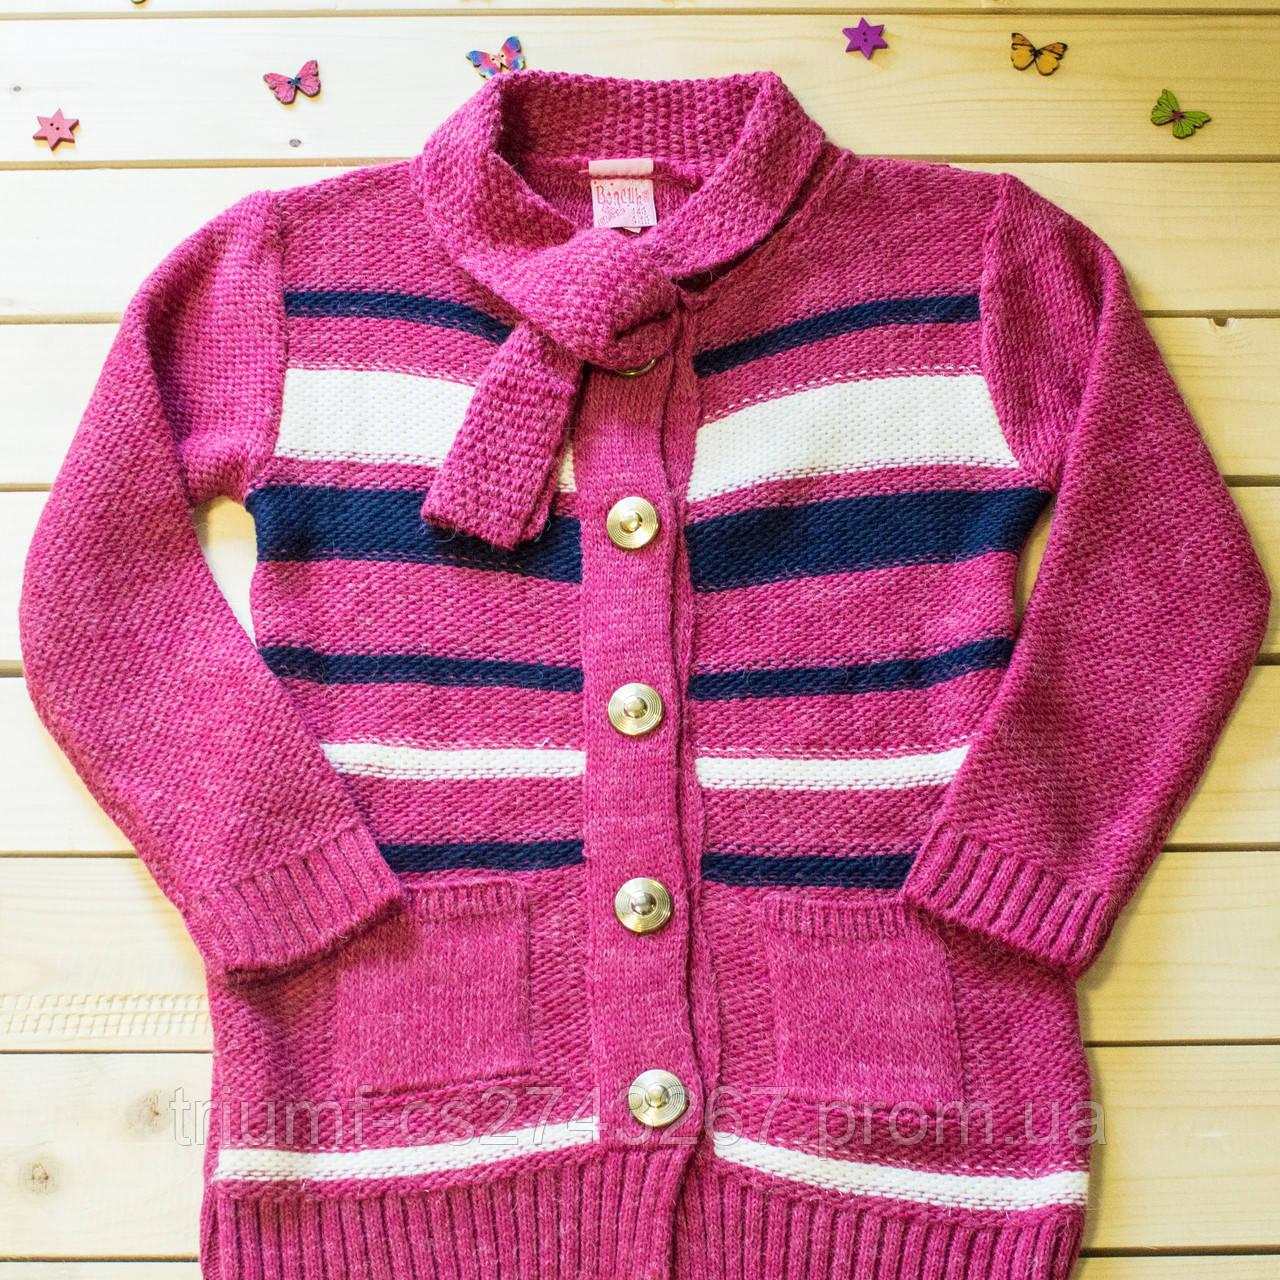 """Красивый вязаный кардиган для девочки на 6-10 лет  -  Интернет -магазин """"Tinstyle""""-  модная креативная молодежная одежда.Одежда для детей и подростков  в Кривом Роге"""